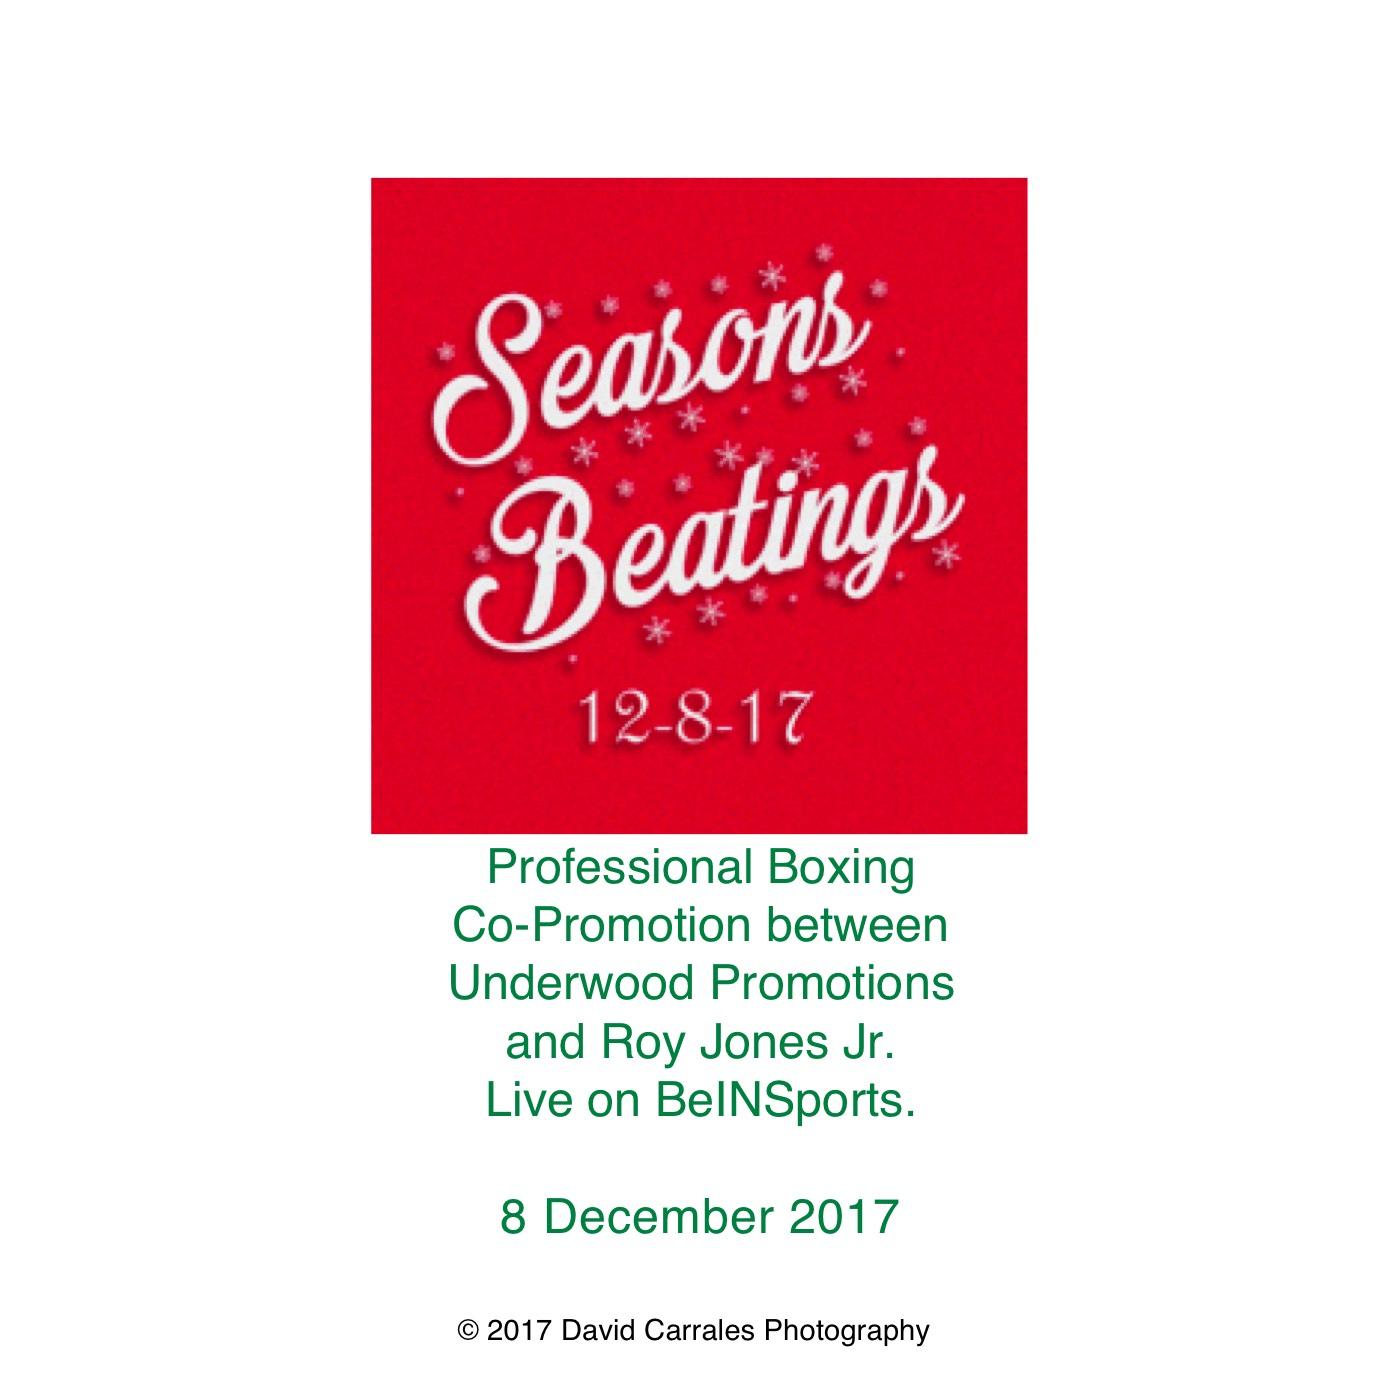 4 x 4 Seasons Beatings II.jpg